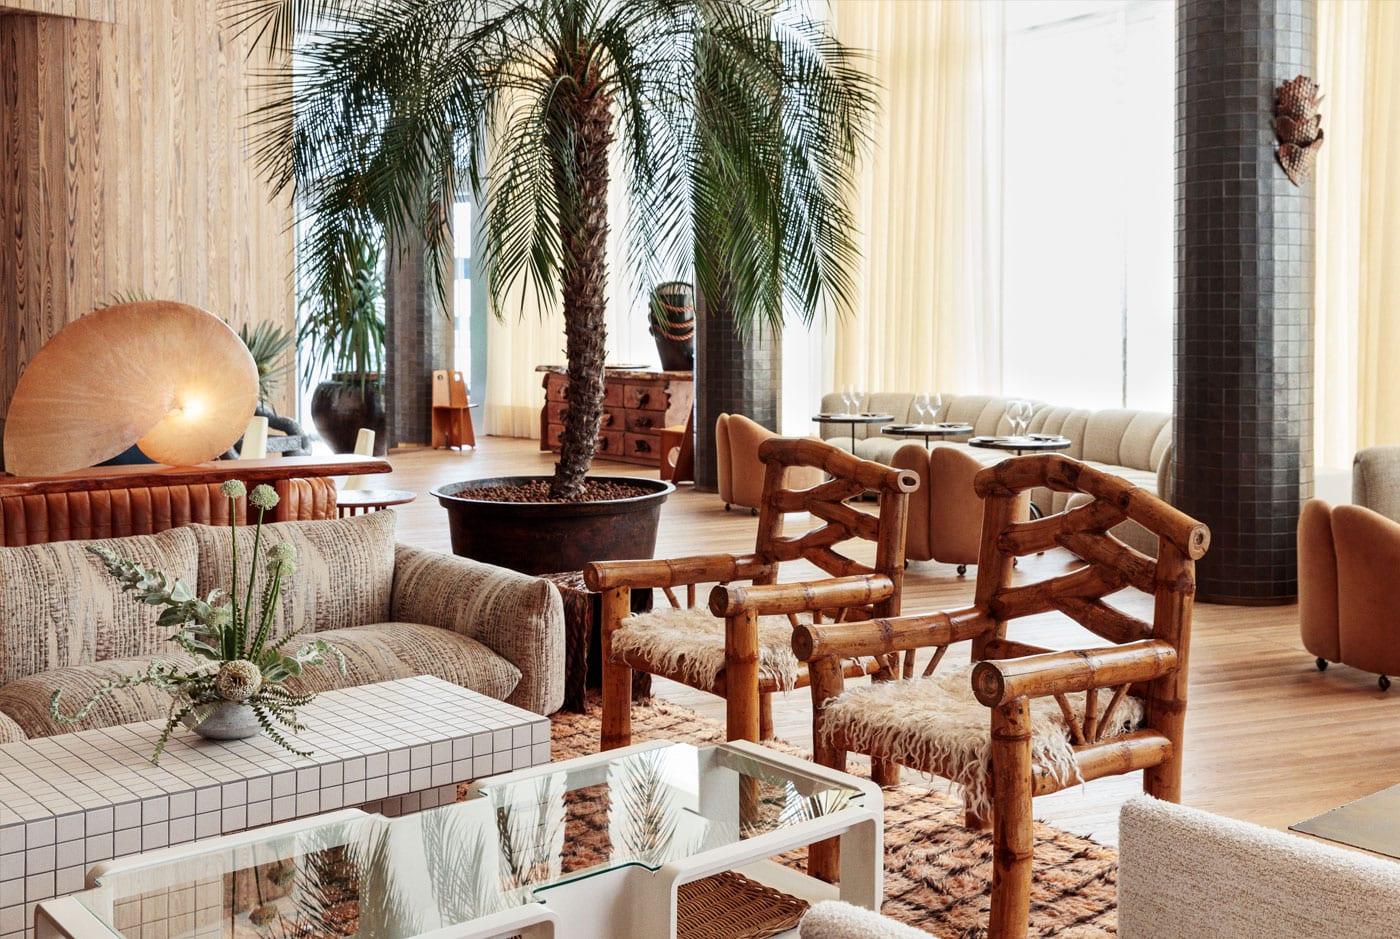 restaurant palma à l'hôtel santa monica | design wanderlust sur coco kelley